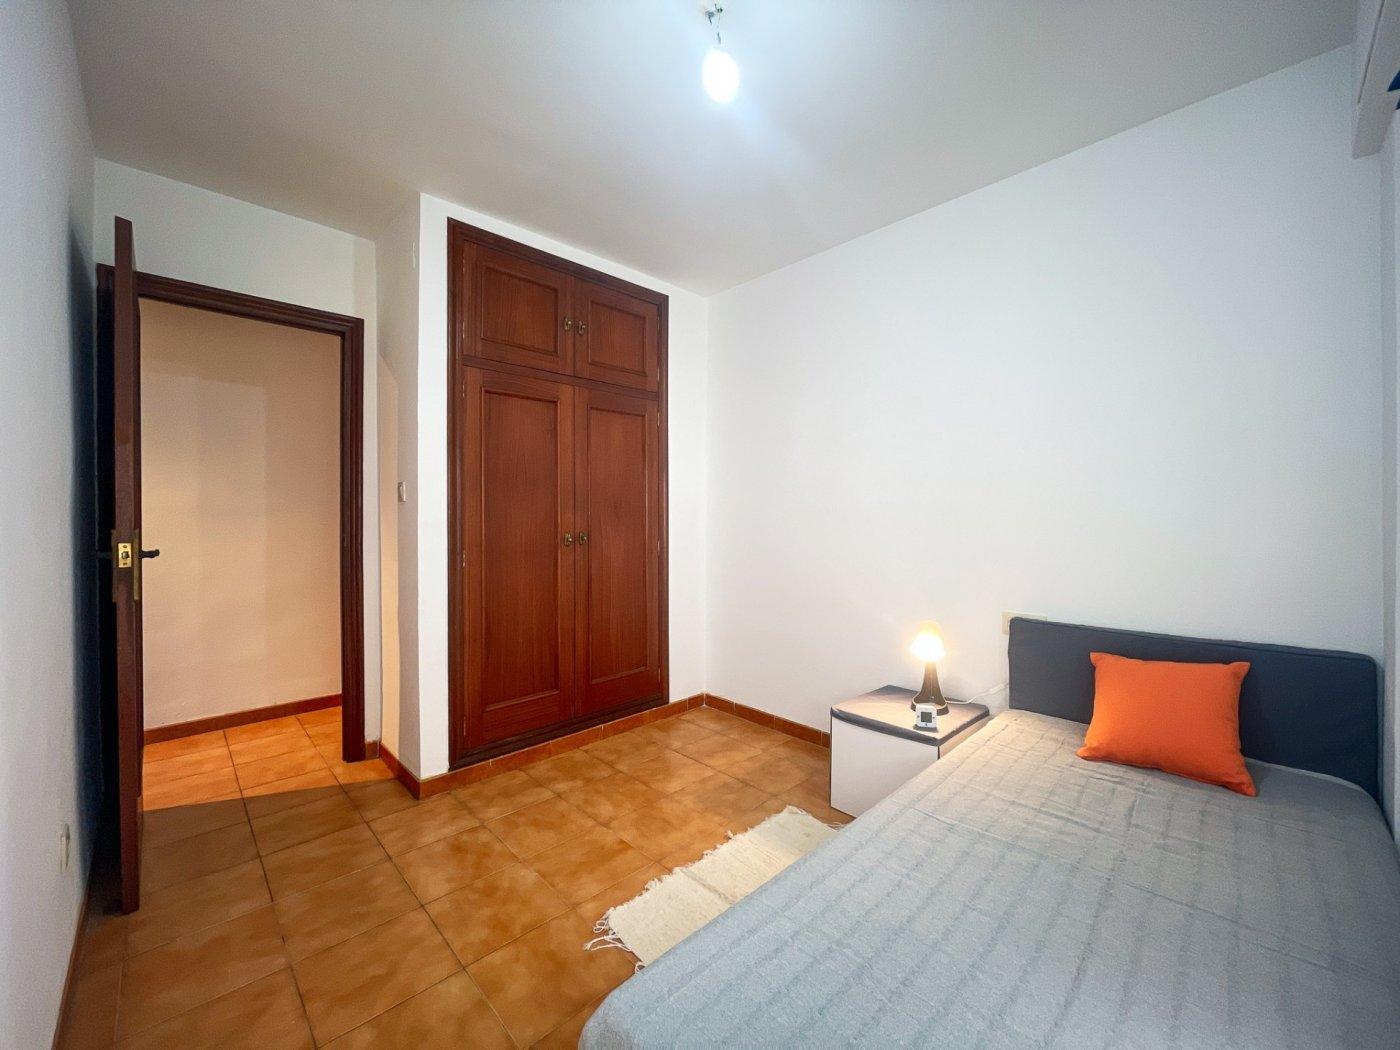 Estupendo piso muy soleado en plena avenida de la hispanidad de alcoy!! - imagenInmueble18